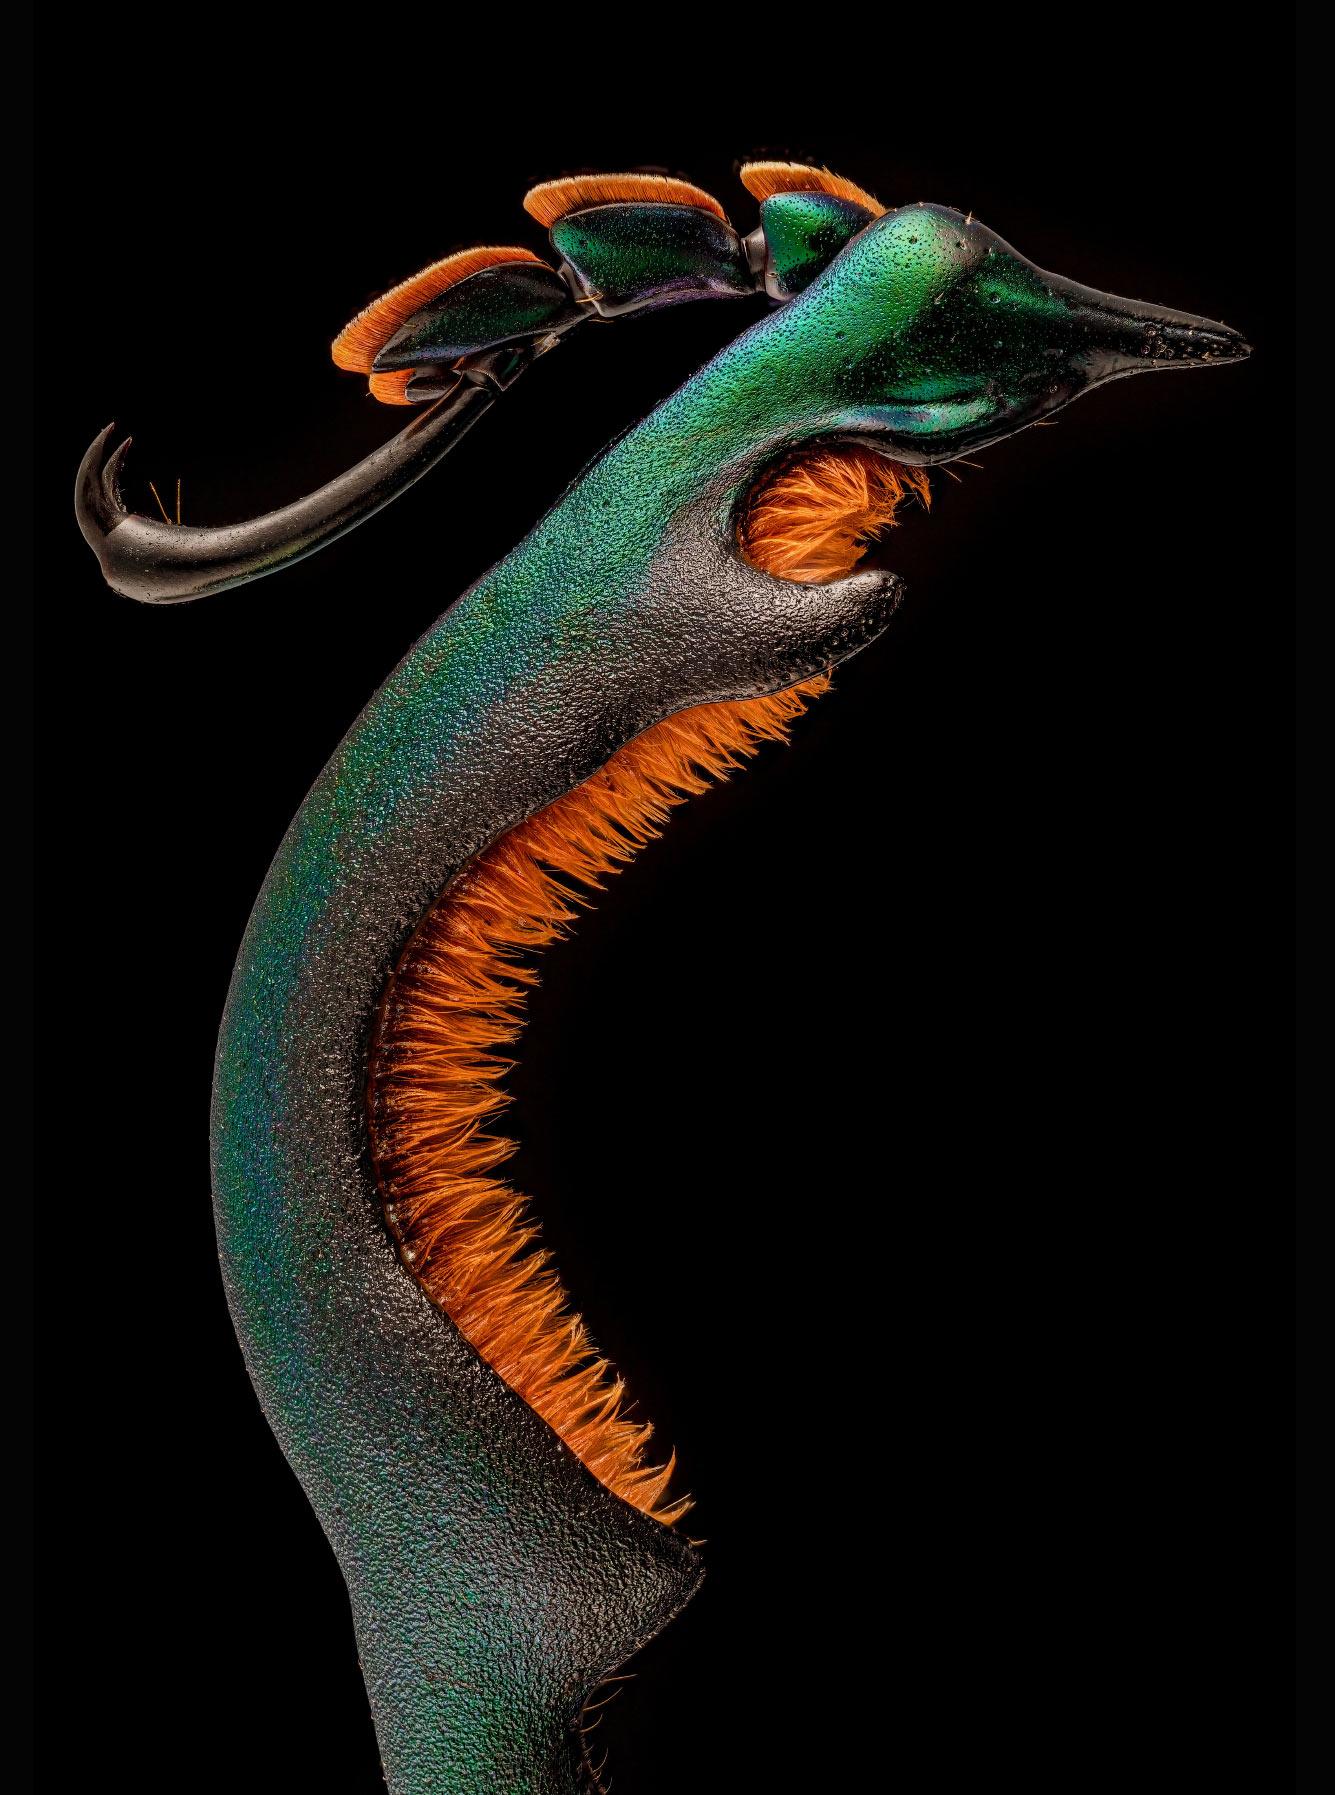 Задняя лапа самца лягушачьего жука